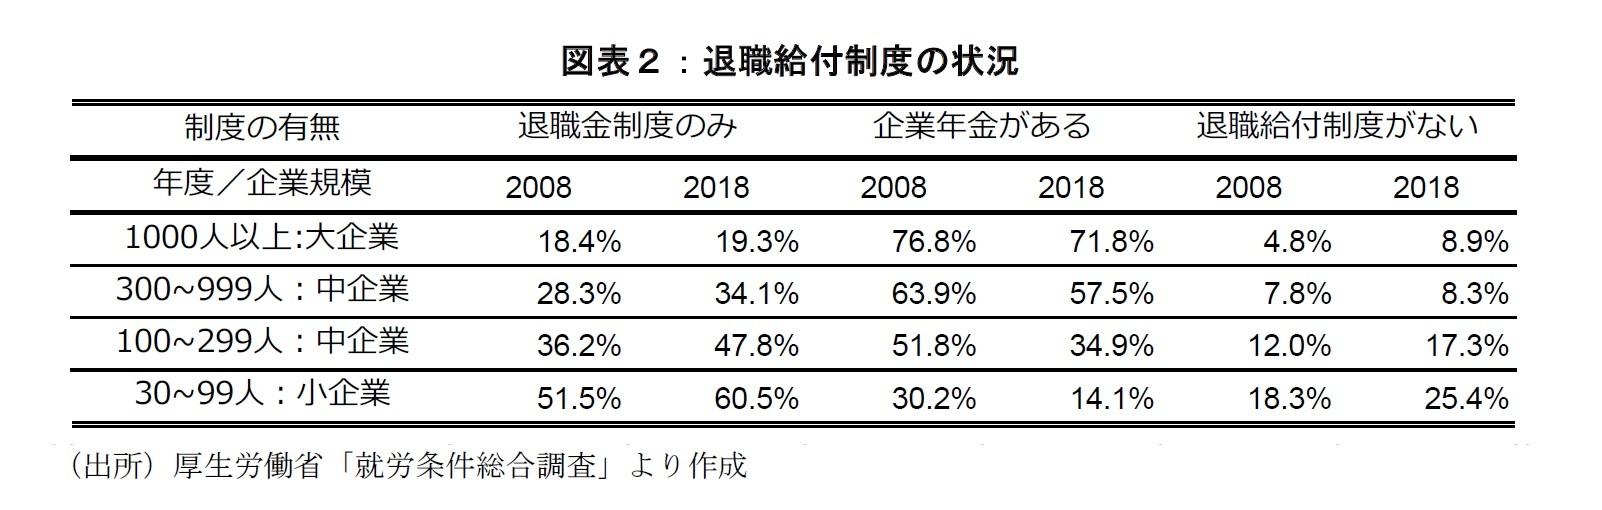 図表2:退職給付制度の状況